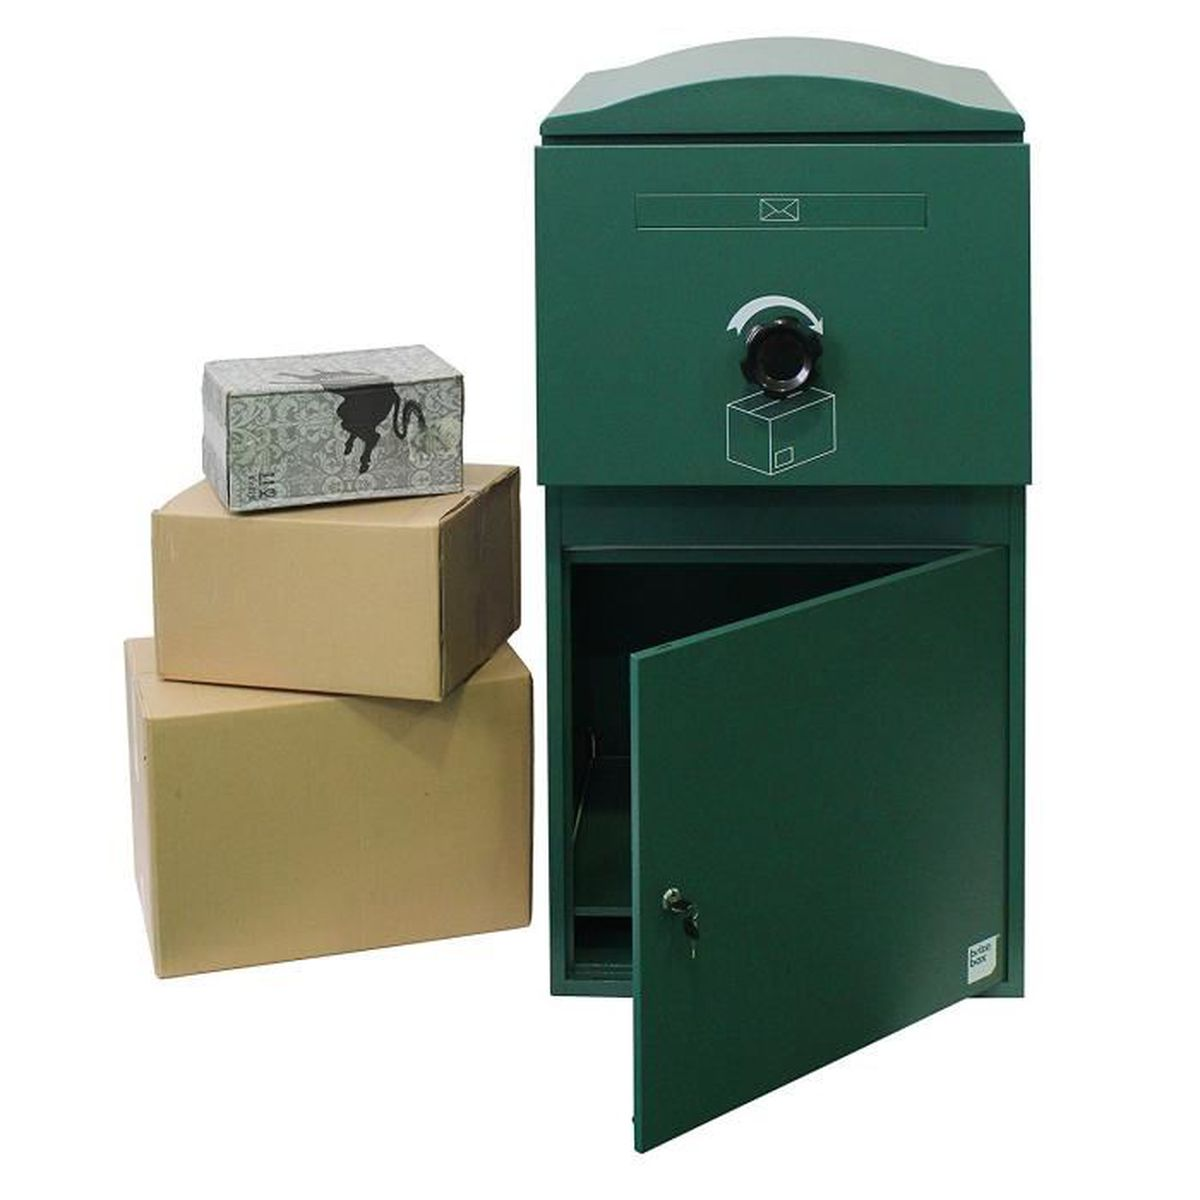 bo te aux lettres sp cial colis 52x39x32 verte achat. Black Bedroom Furniture Sets. Home Design Ideas